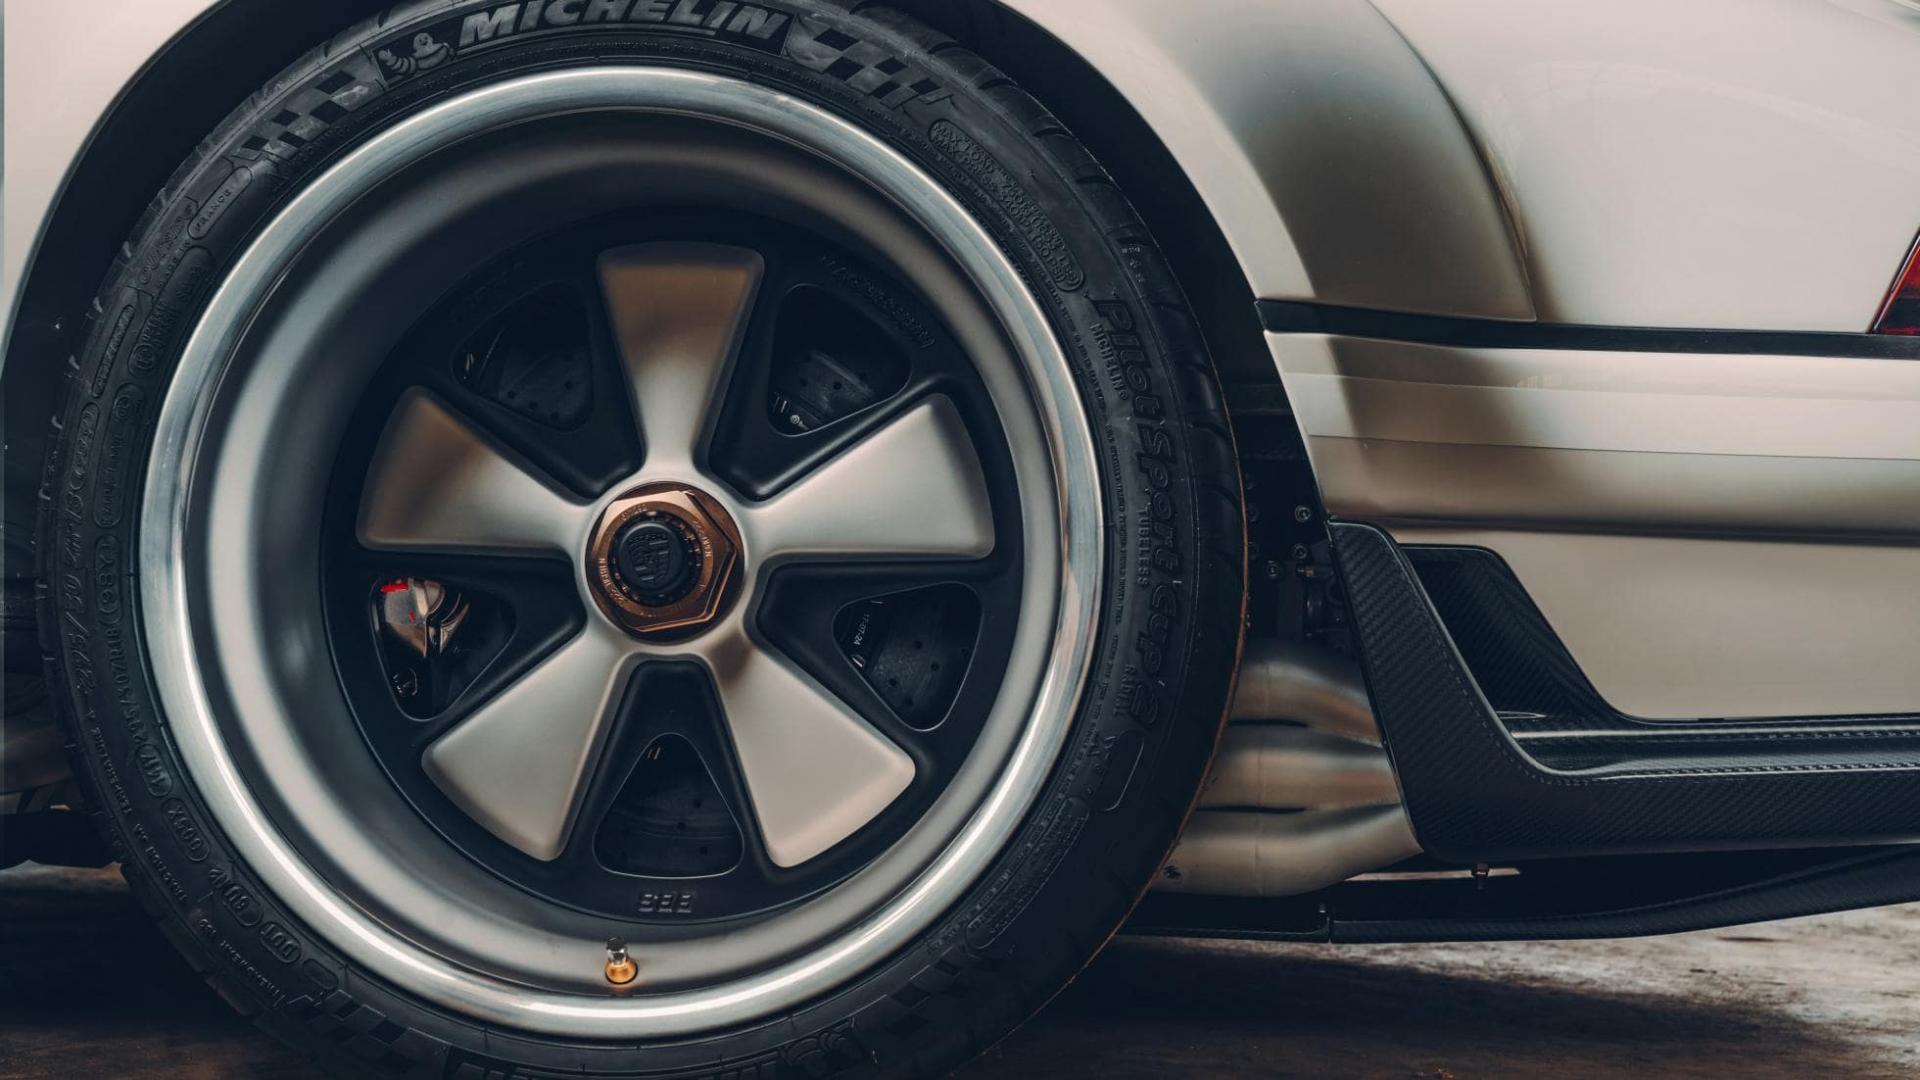 Singer DLS Porsche 911 michelin banden